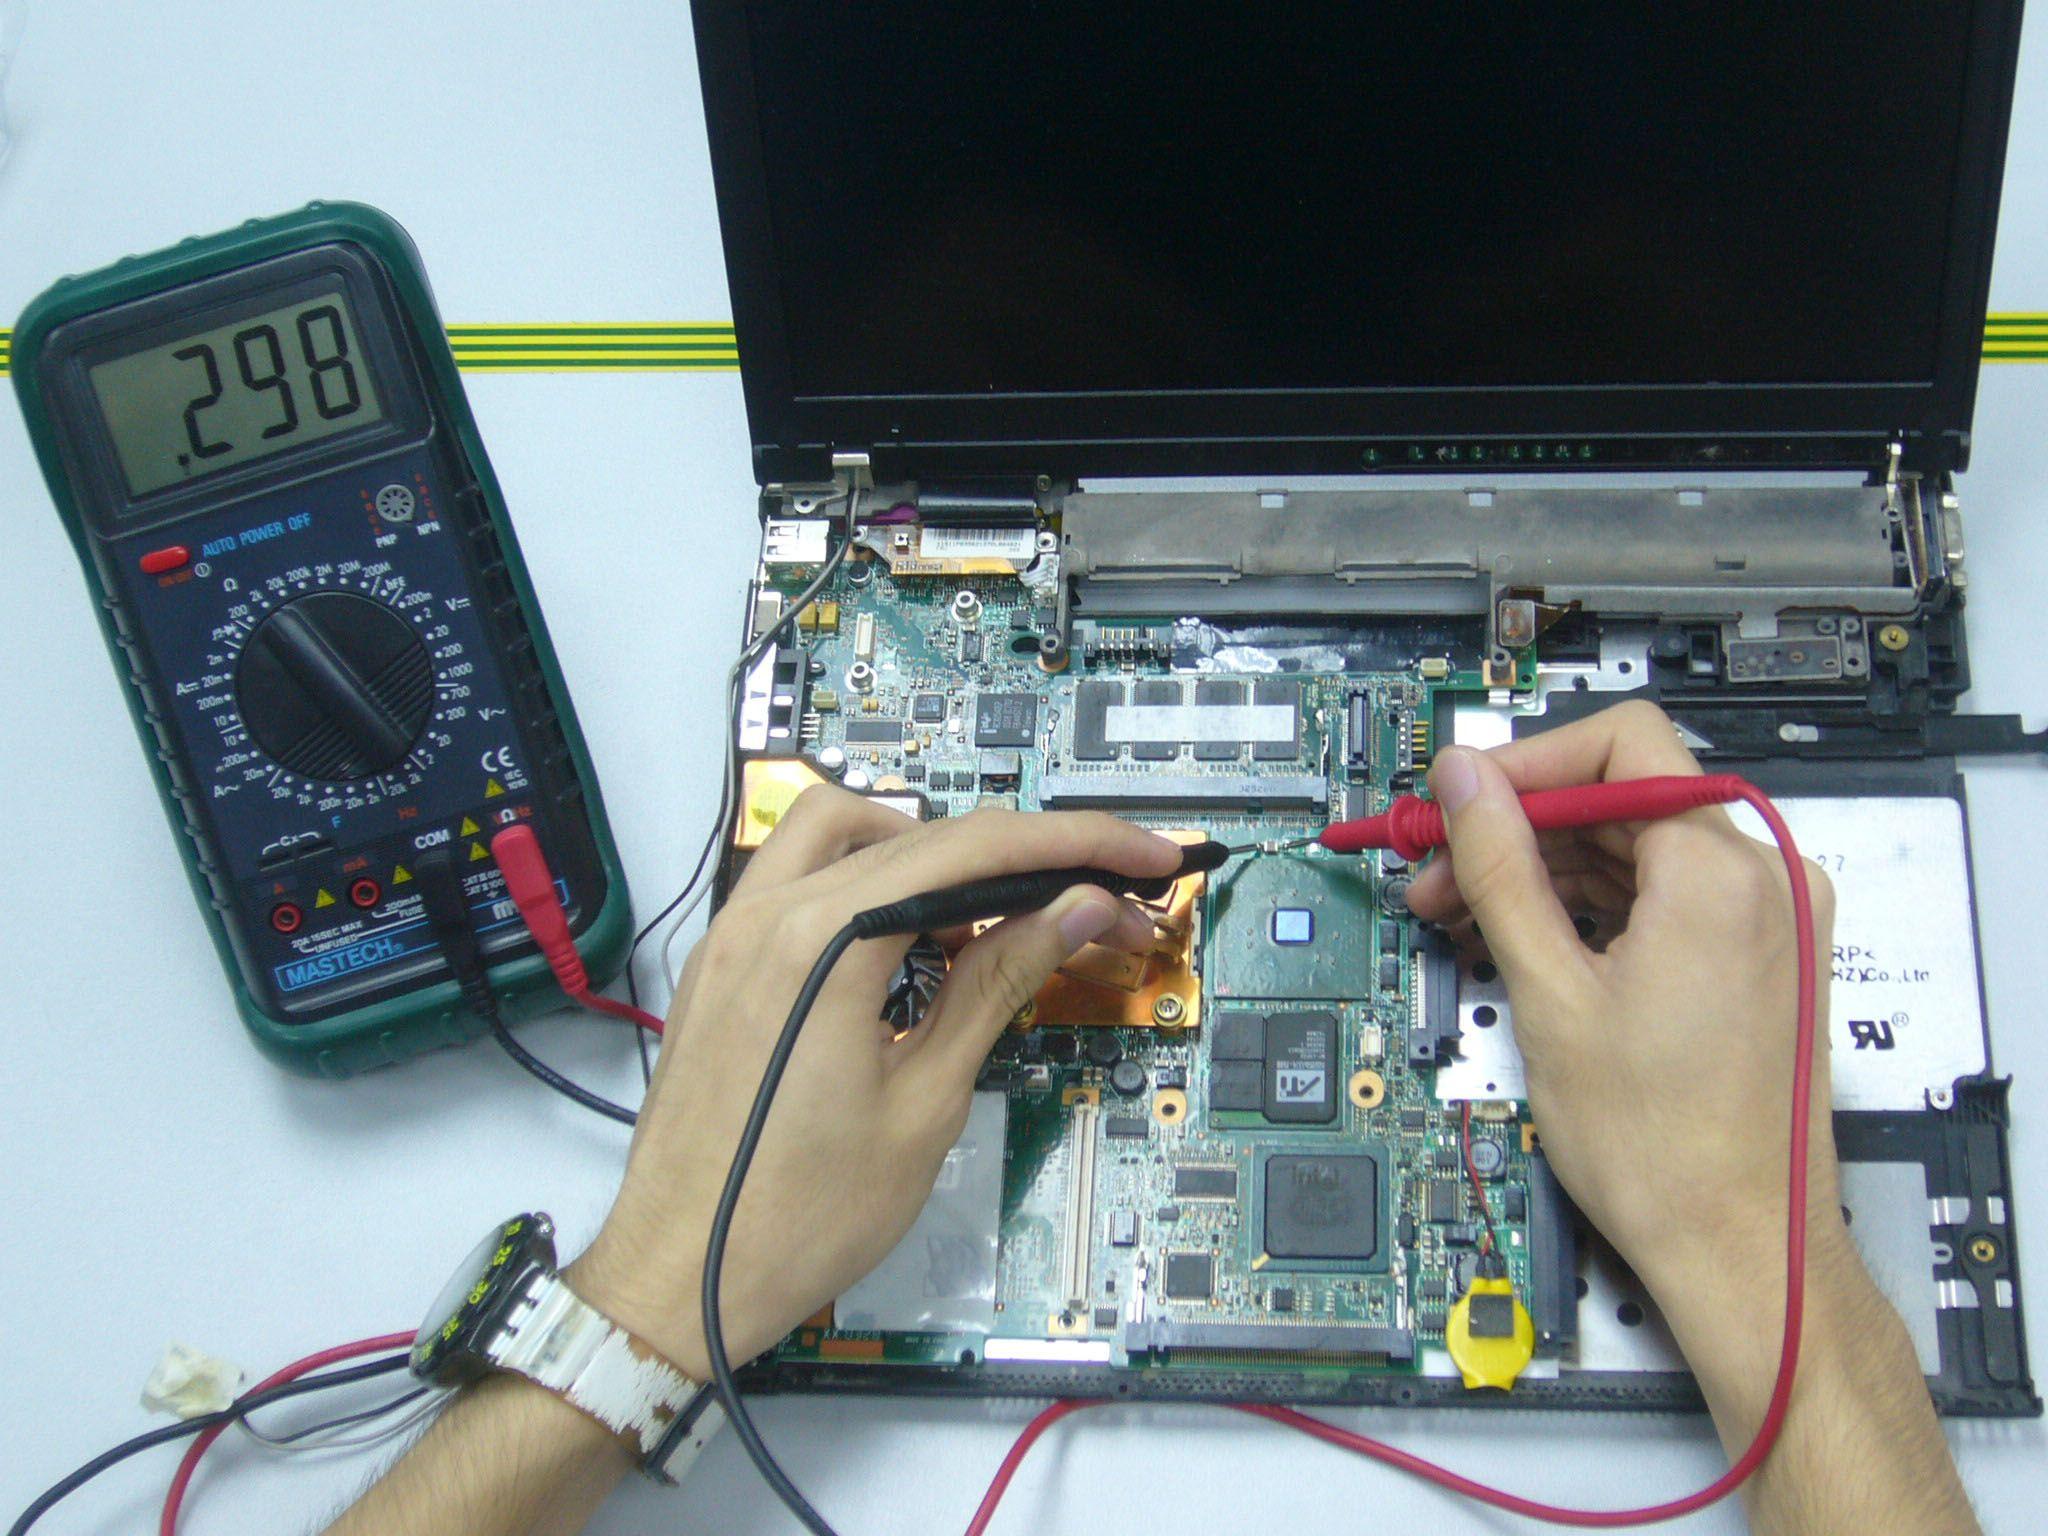 We Also Make Your Computer Free From Viruses Malware Trojans And Malicious Content Conserto De Computador Manutencao De Pc Tecnologia Da Informacao